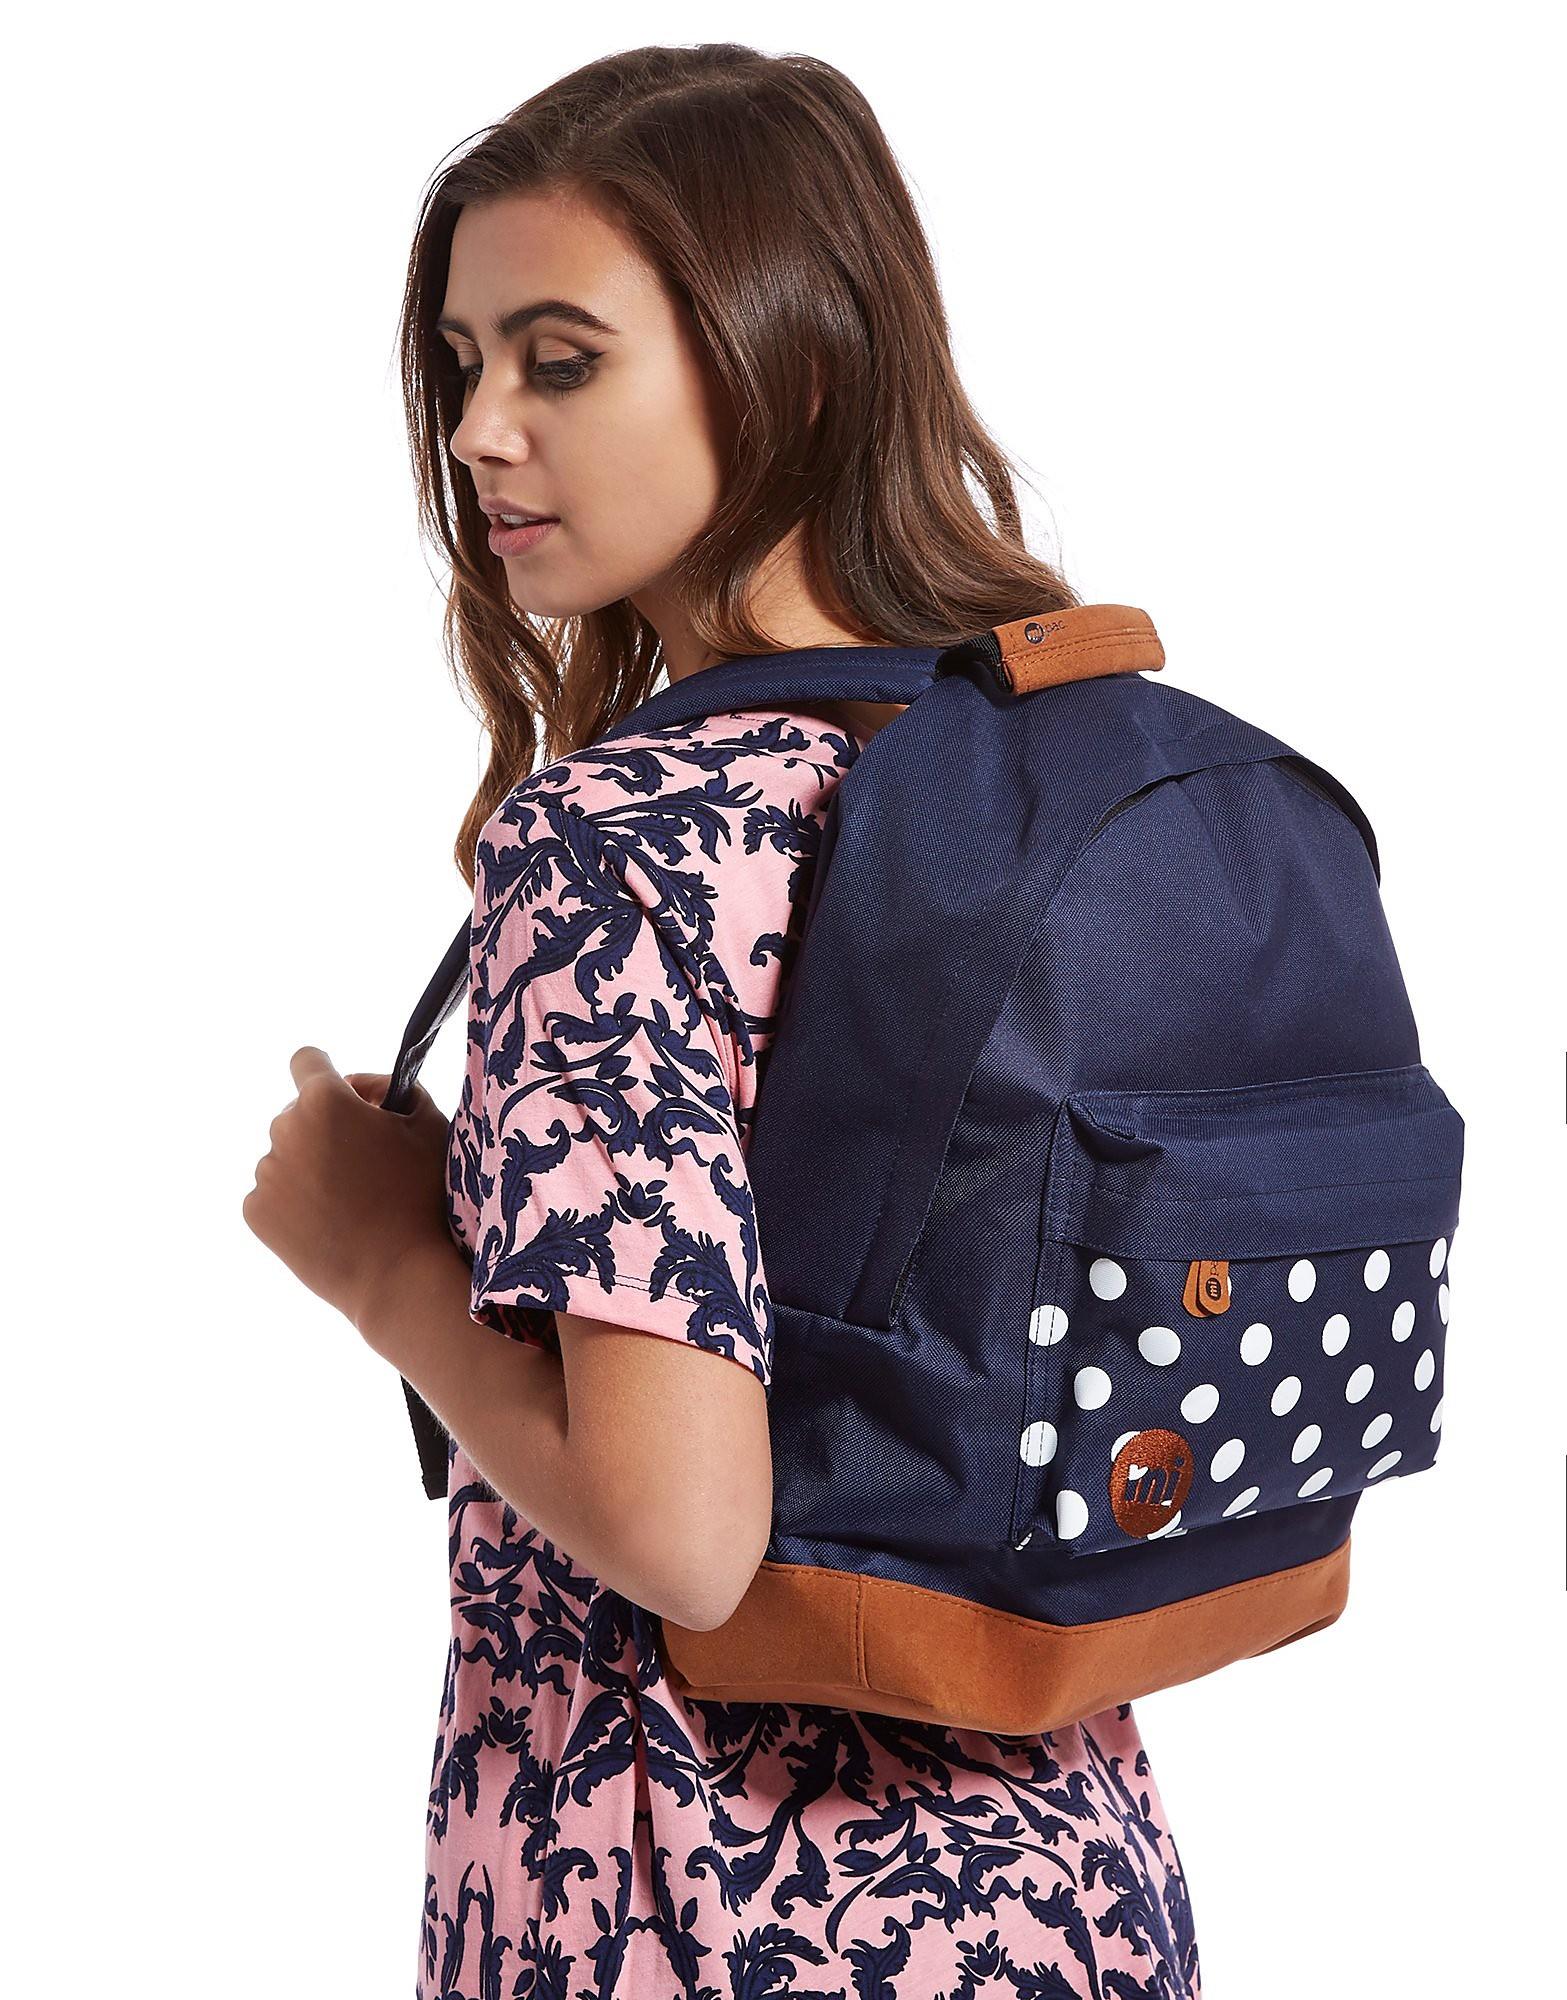 MIPAC Polka Dot Backpack